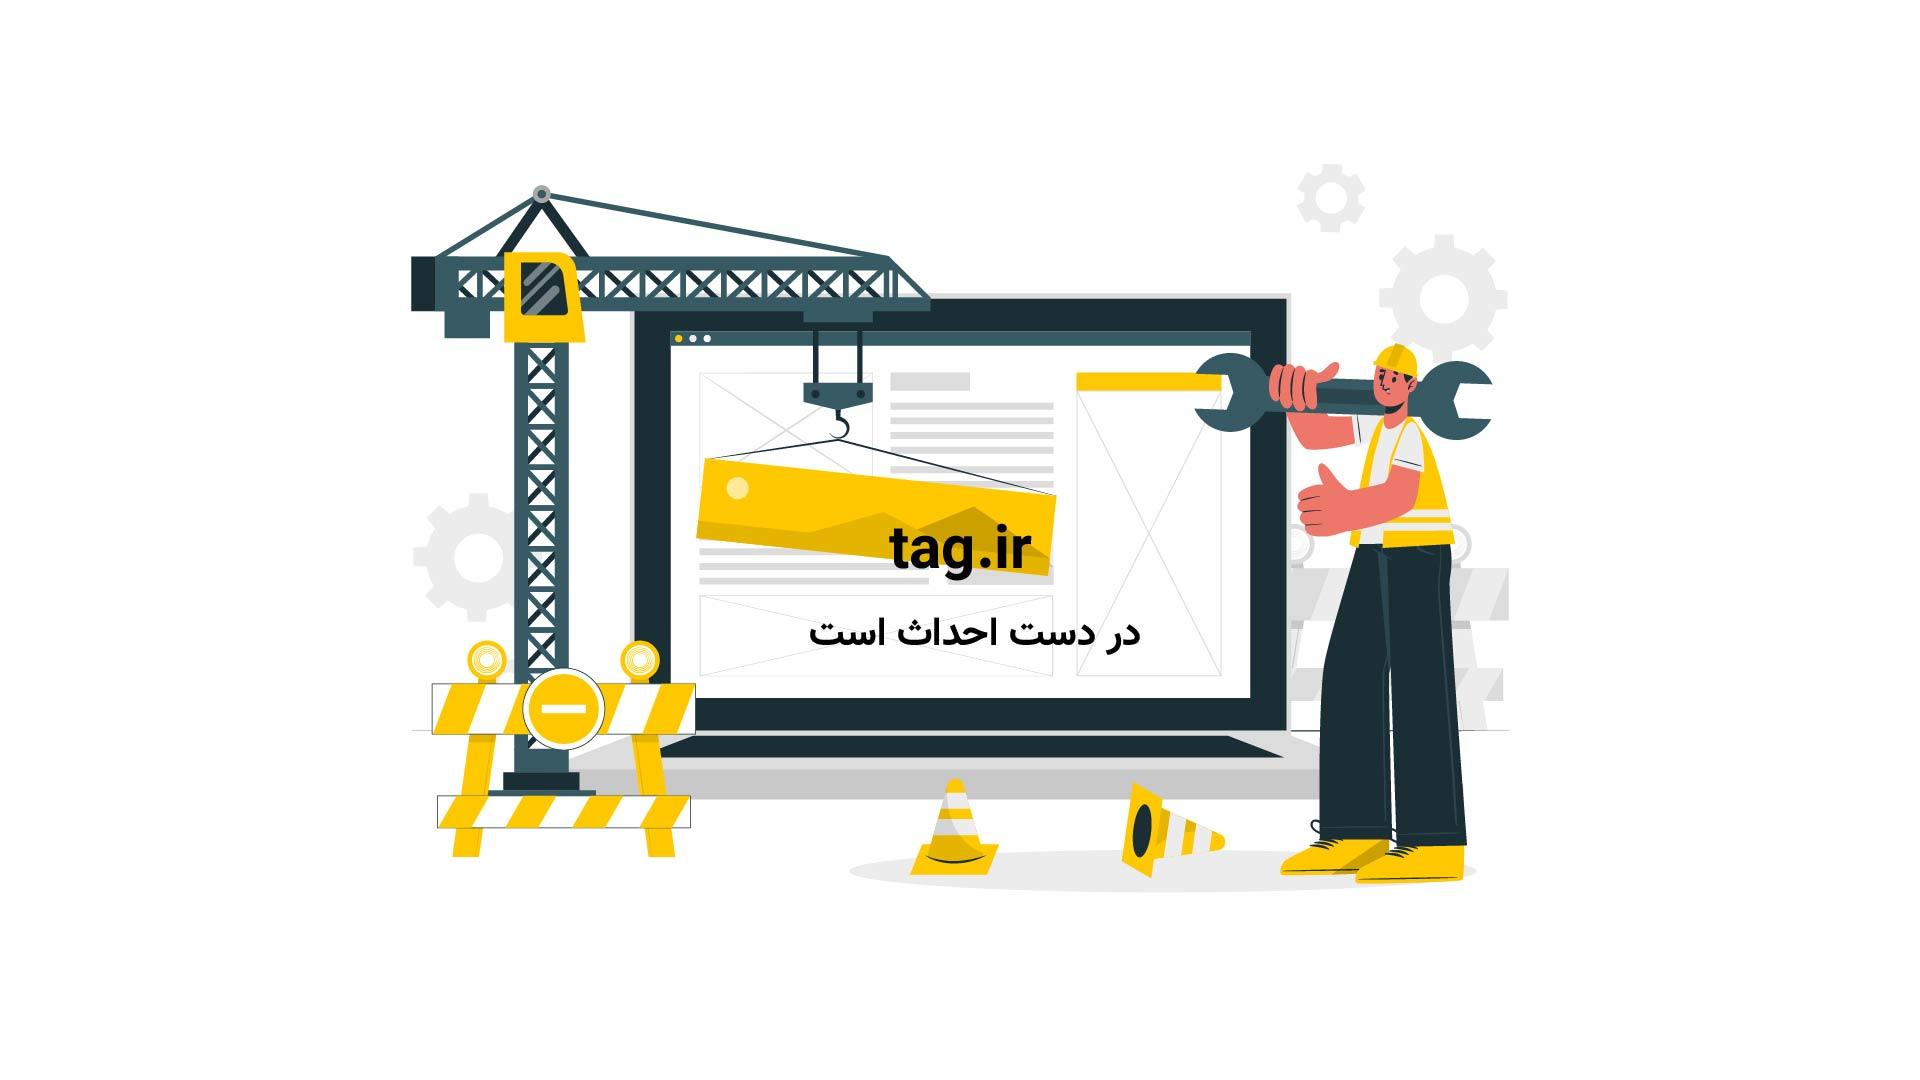 حمله به دمشق